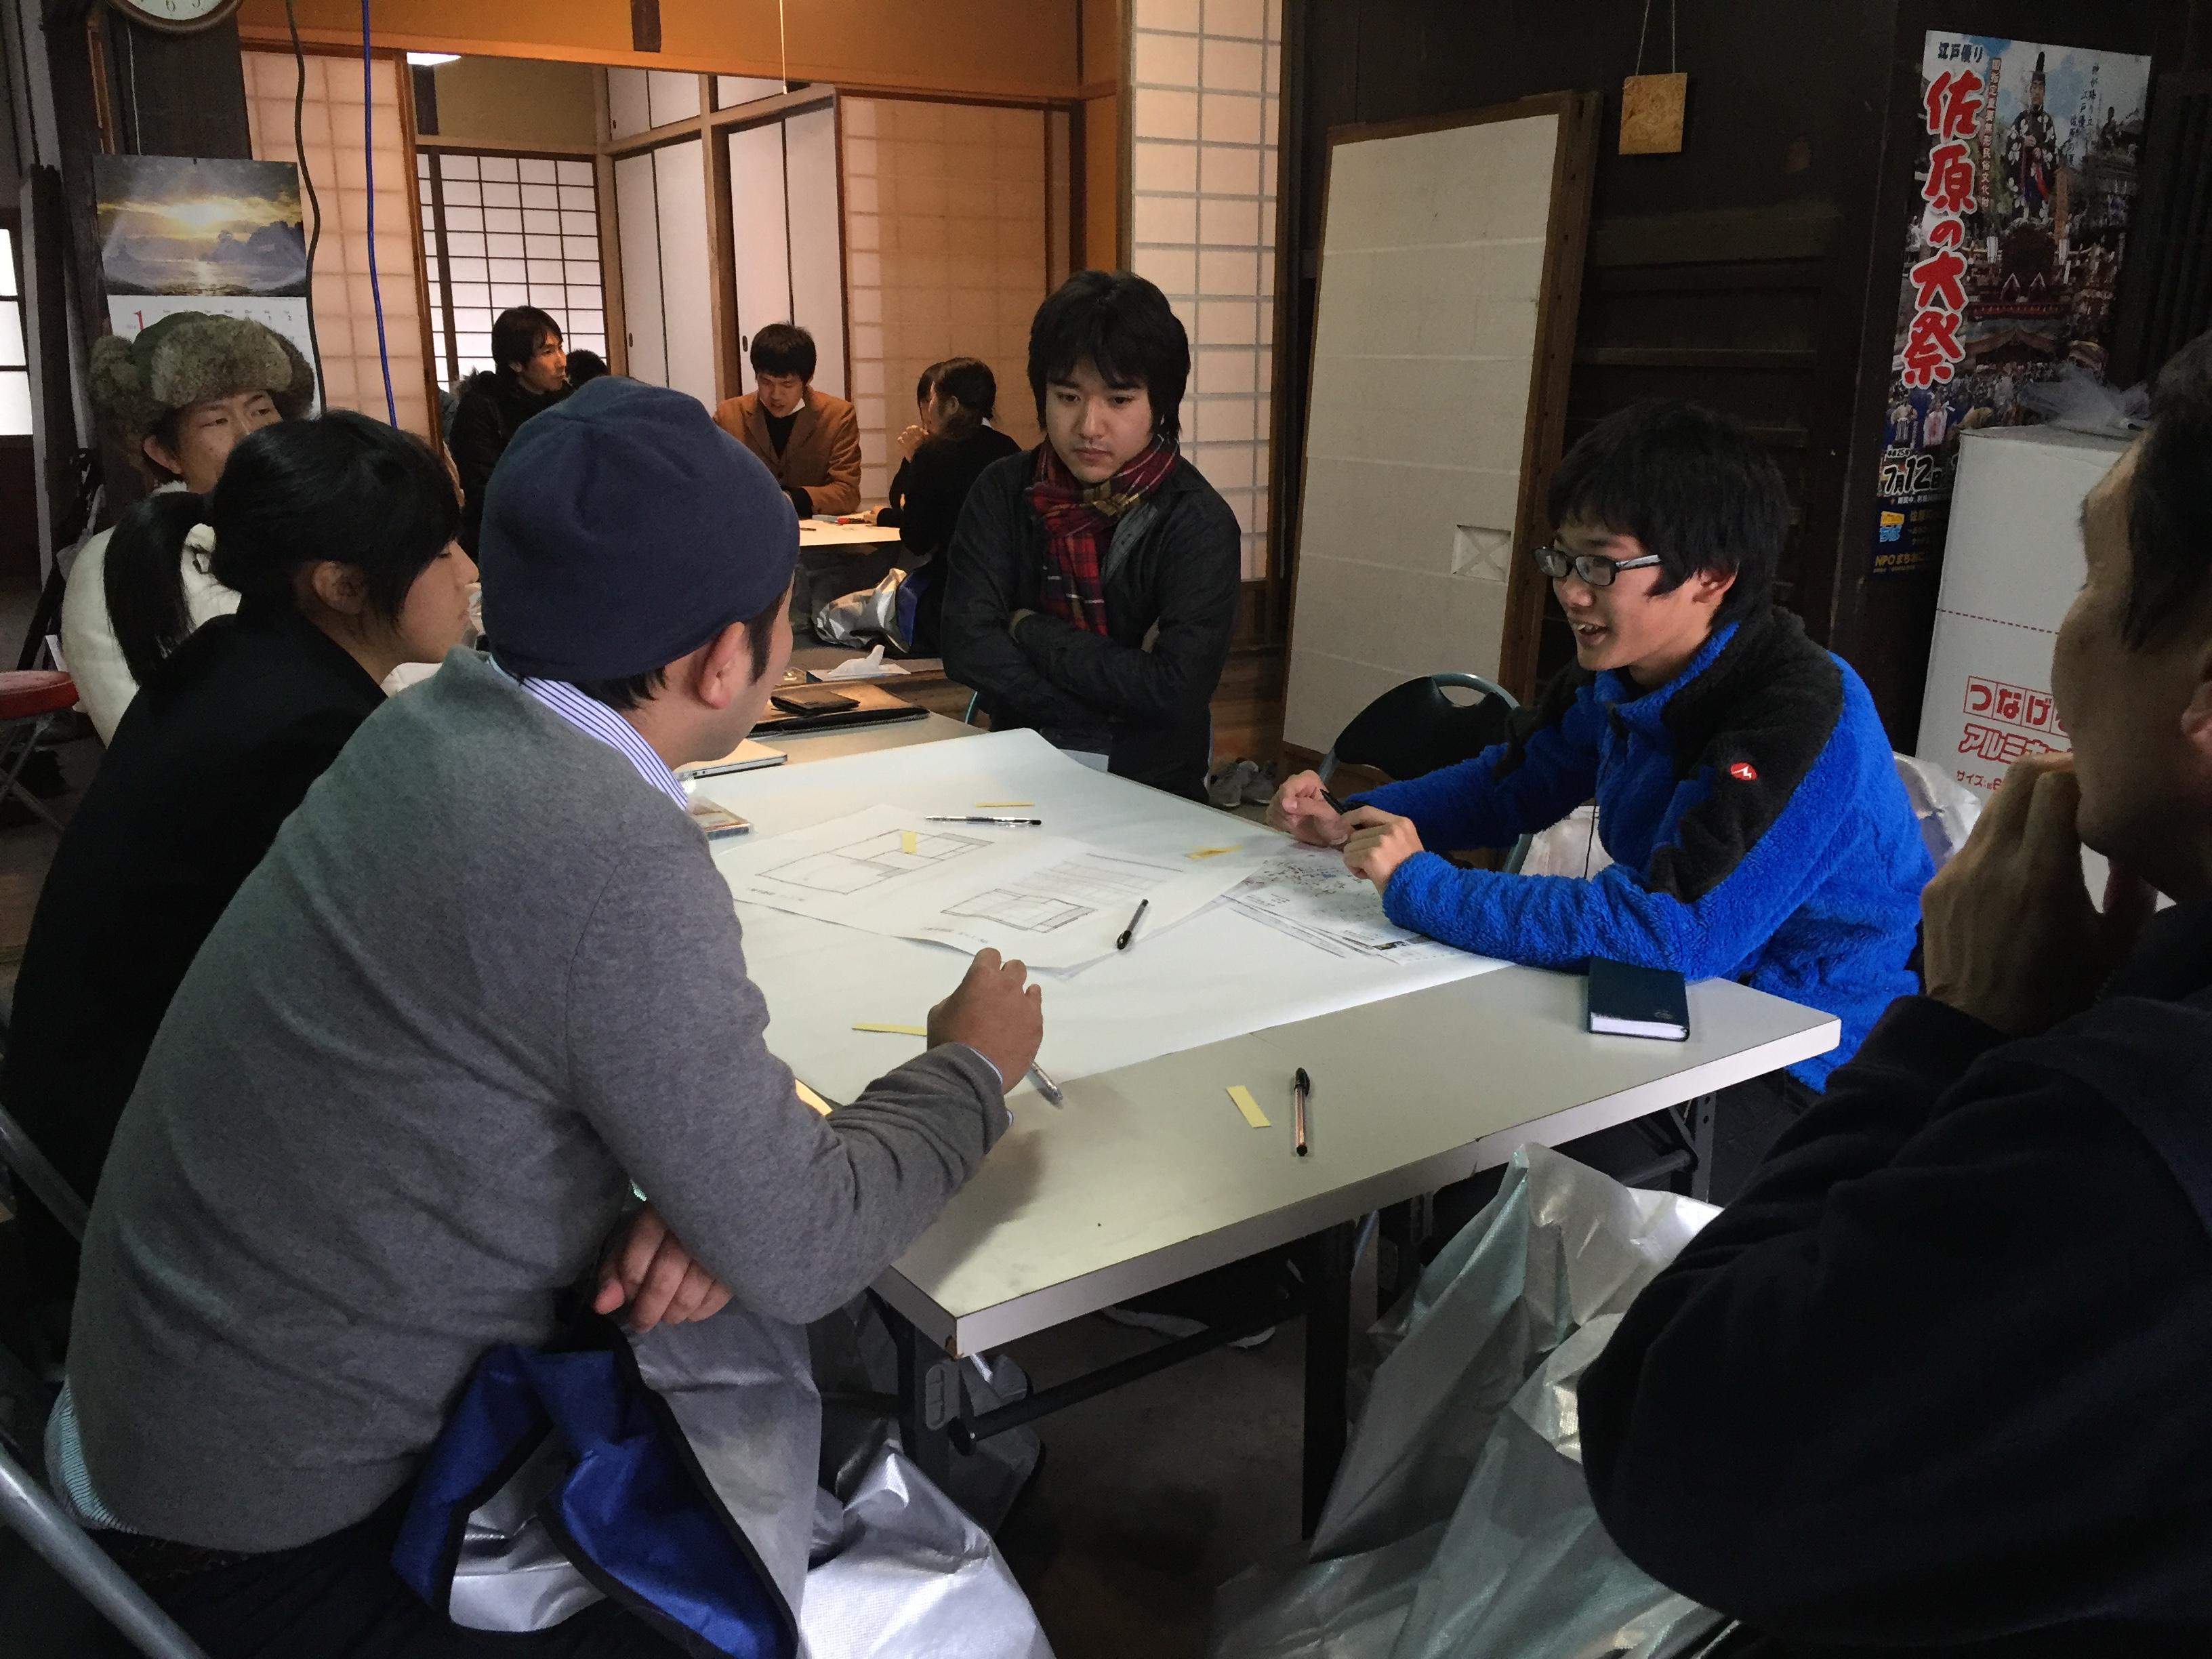 http://ud.t.u-tokyo.ac.jp/blog/_images/IMG_6618.JPG